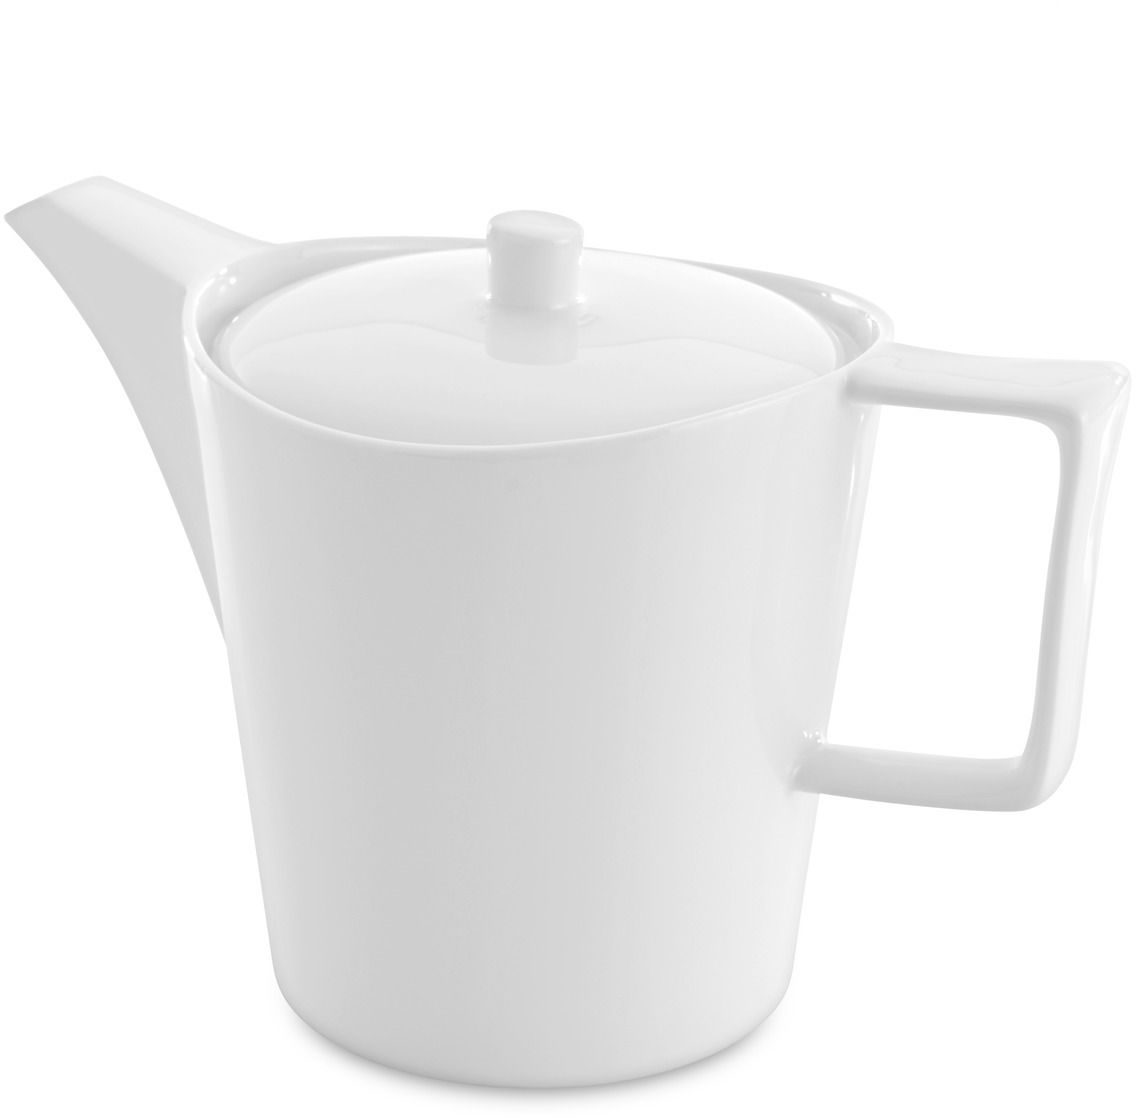 Чайник заварочный BergHOFF  Eclipse , цвет: белый, 1,3 л - Посуда для приготовления